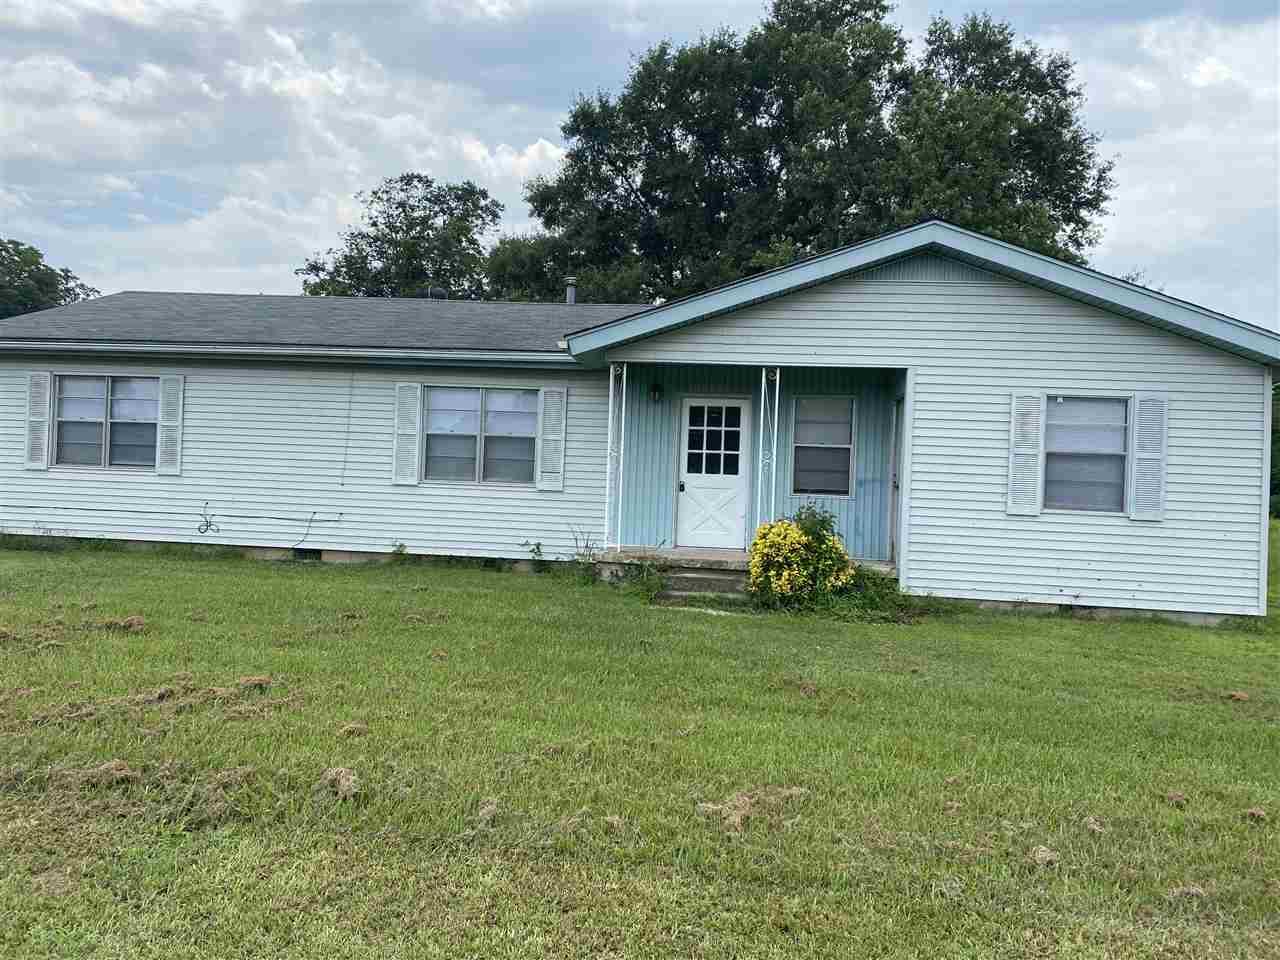 620 HIGHWAY 425, Pine Bluff, AR 71601